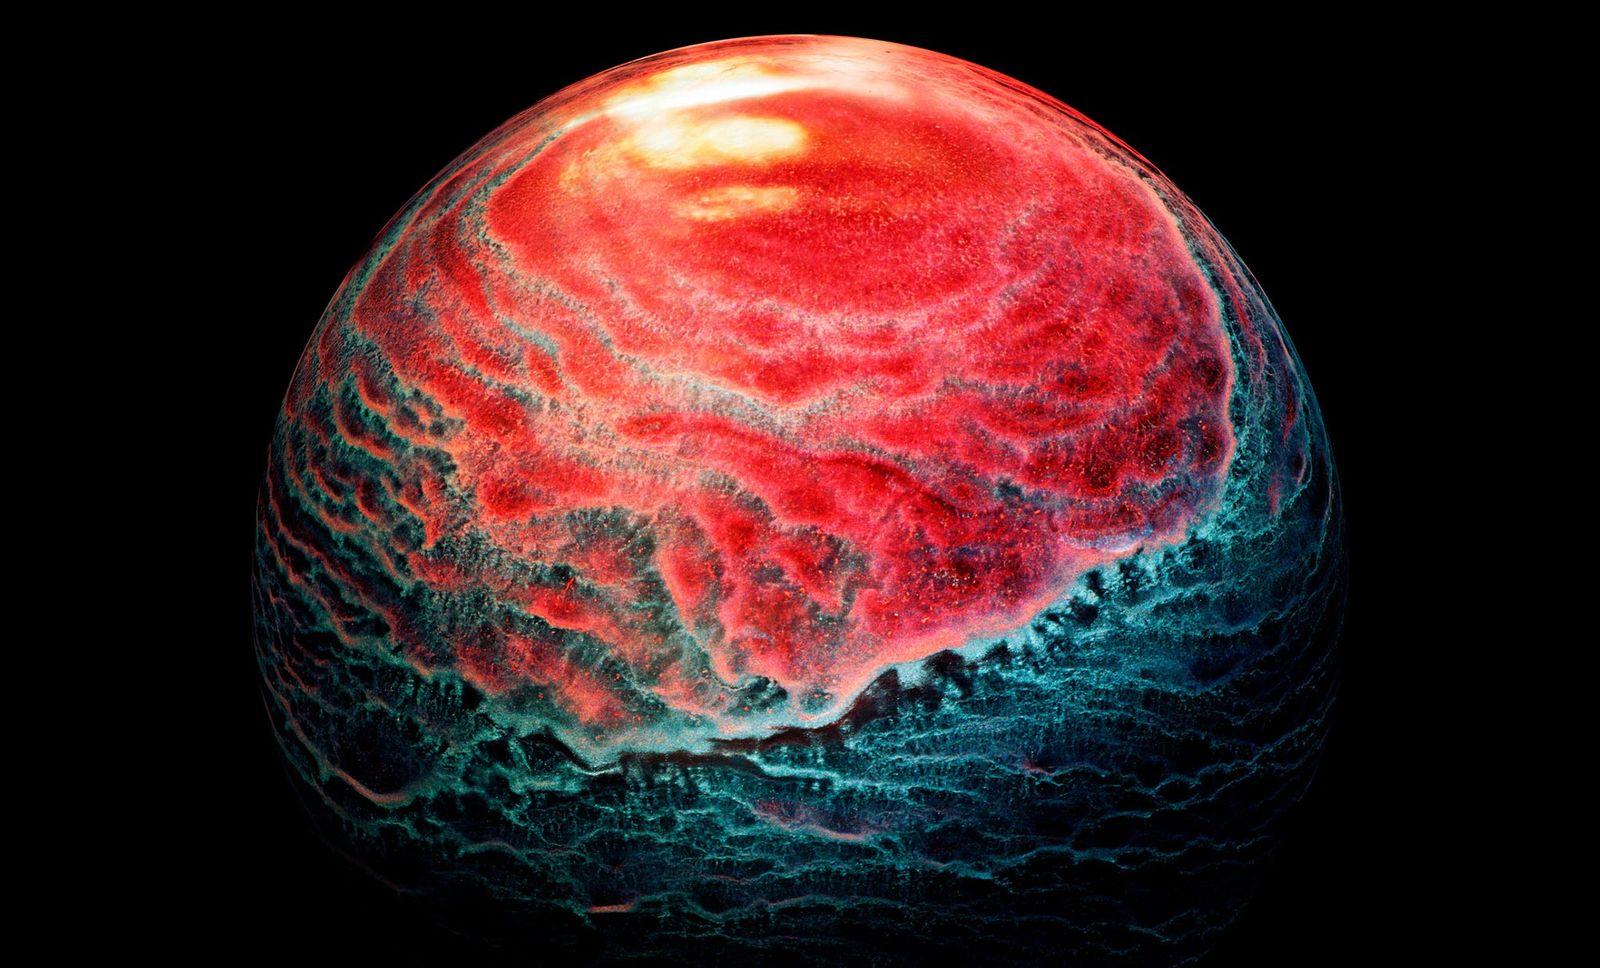 O uísque escocês pode deixar sedimentos em um copo. Usando luzes coloridas e programas de edição ...